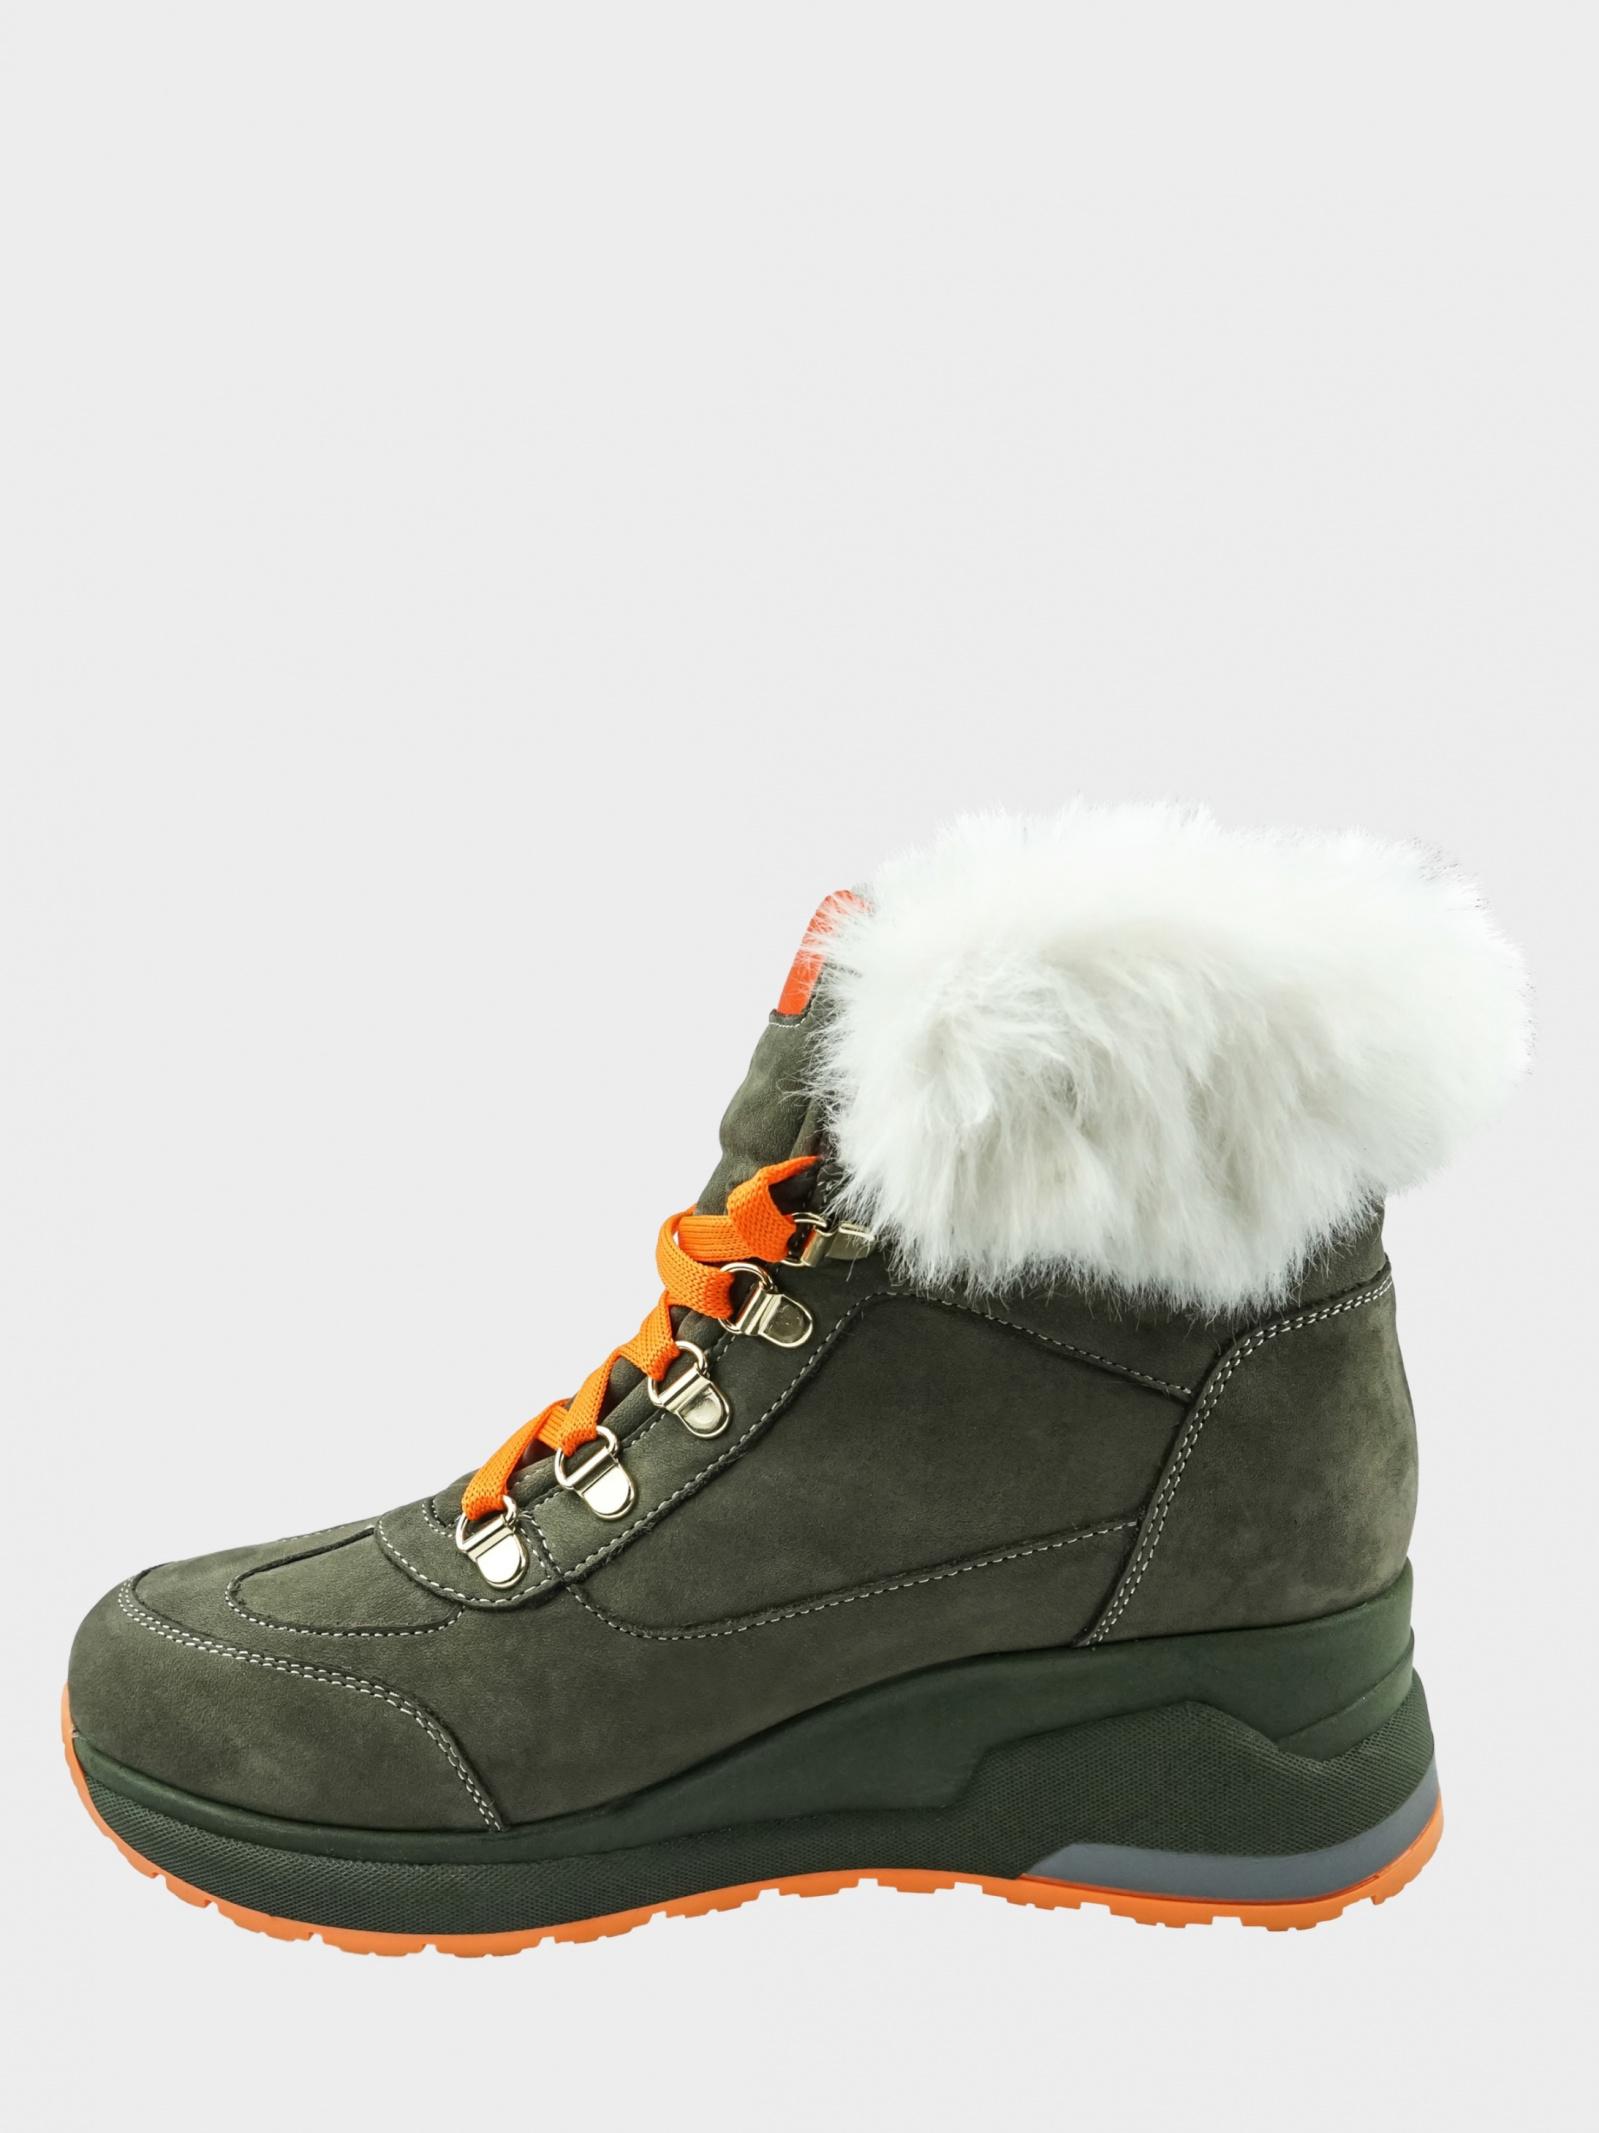 Ботинки женские Ботинки LZ6305-23 купить в Интертоп, 2017